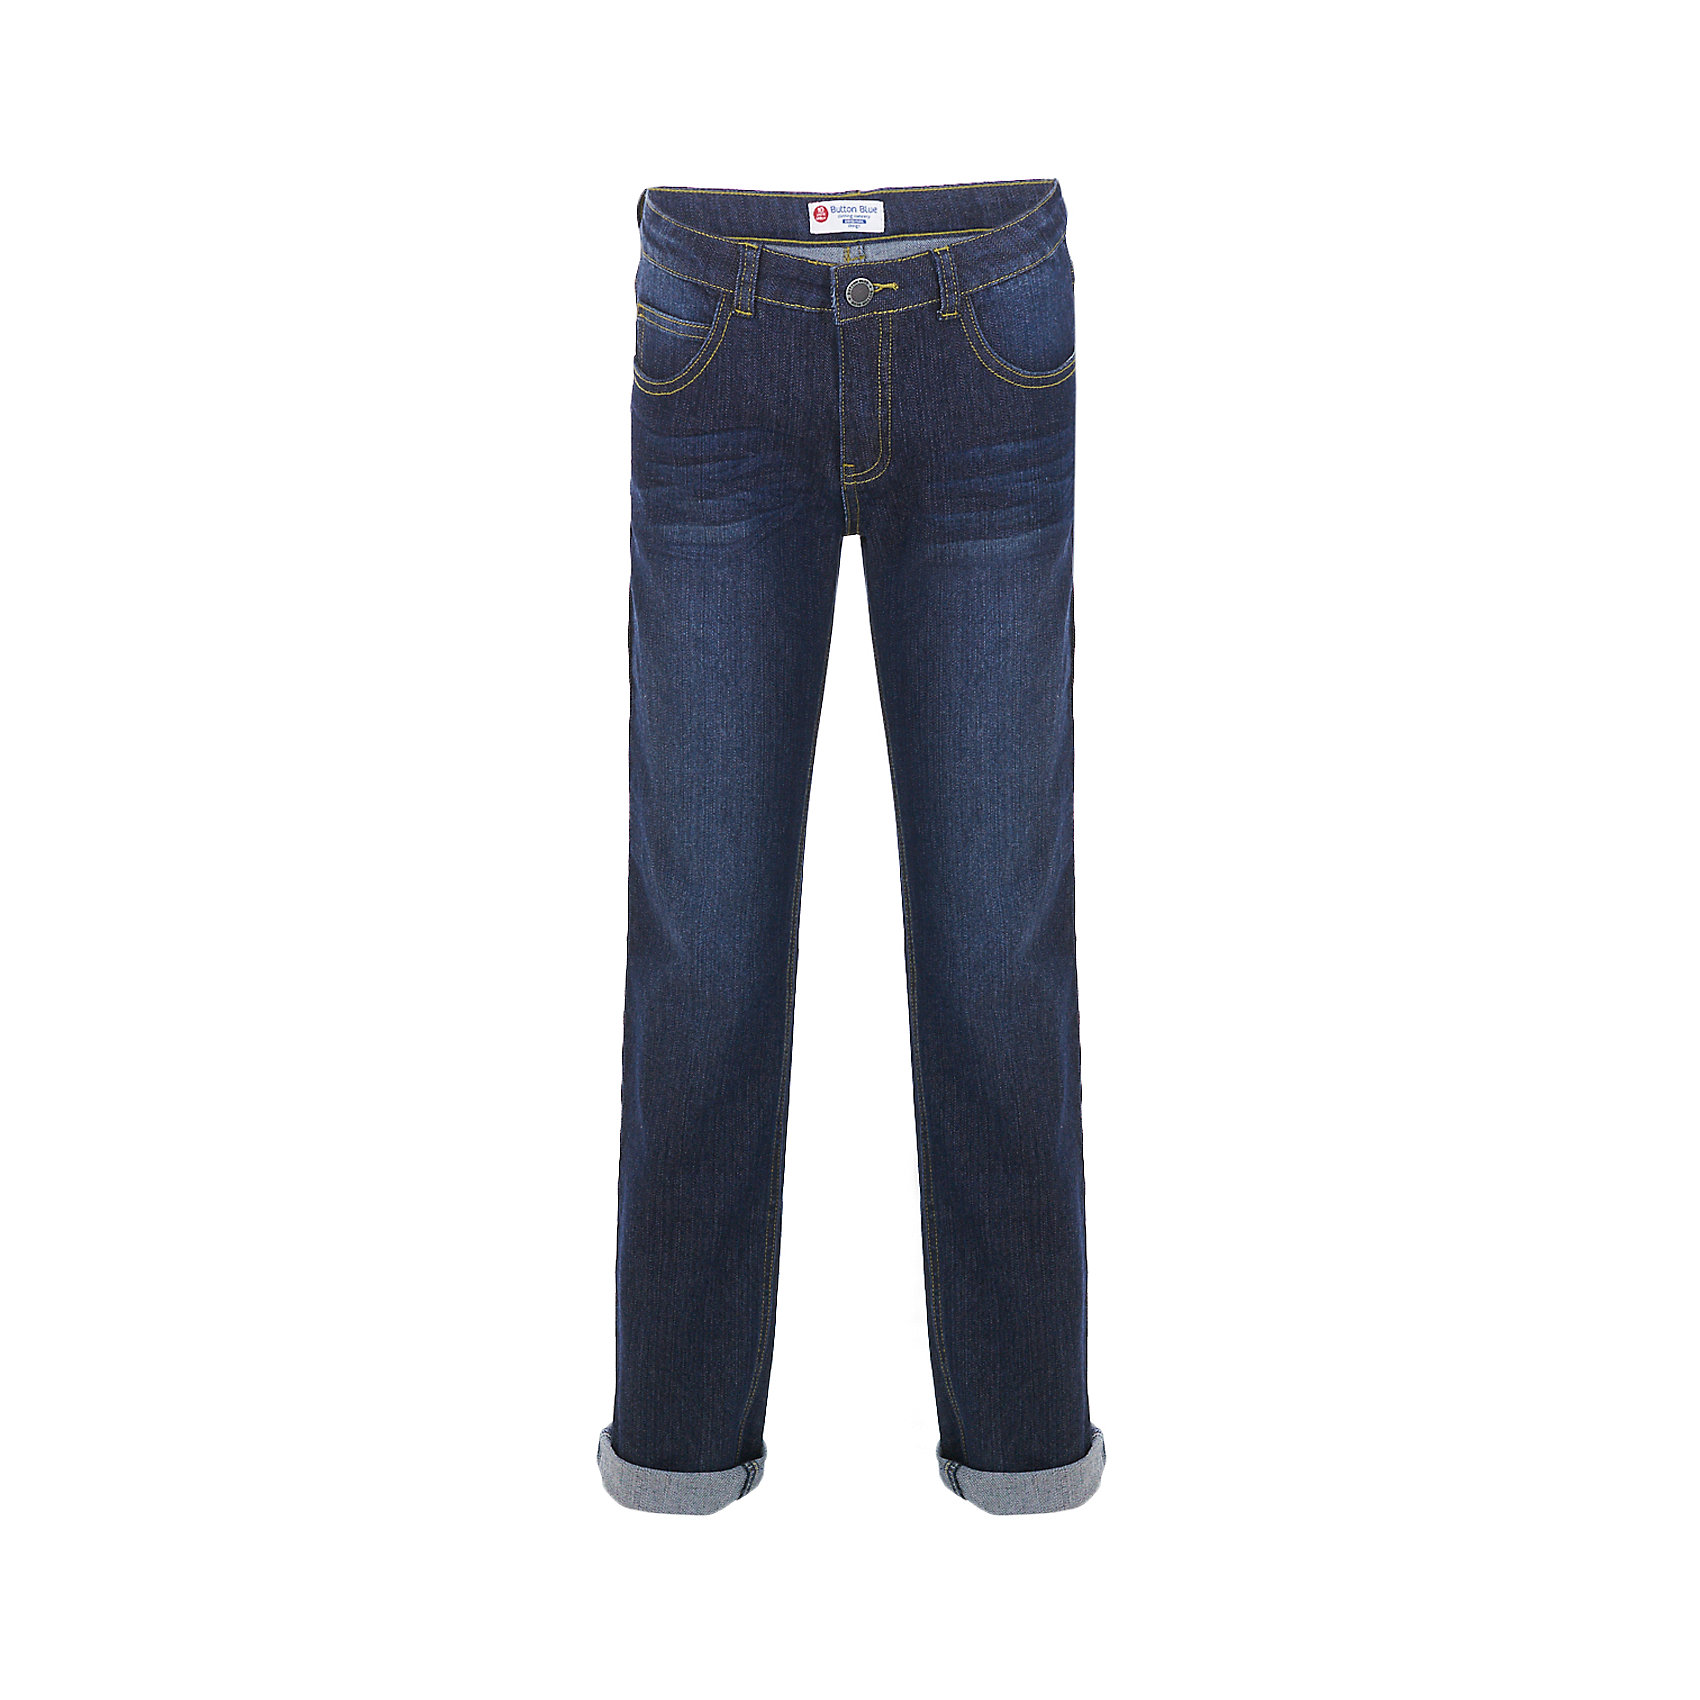 Джинсы BUTTON BLUE для мальчикаДжинсы<br>Джинсы BUTTON BLUE для мальчика<br>Синие джинсы силуэта Slim Fit  — основа модного и функционального повседневного гардероба ребенка! Хороший состав ткани, удобная посадка на фигуре подарят мальчику комфорт, свободу движений и уверенность в себе. Если вы хотите купить недорогие детские джинсы отличного качества, модель от Button Blue - прекрасный вариант!<br>Состав:<br>75% хлопок, 23%полиэстер,2% эластан<br><br>Ширина мм: 215<br>Глубина мм: 88<br>Высота мм: 191<br>Вес г: 336<br>Цвет: темно-синий<br>Возраст от месяцев: 144<br>Возраст до месяцев: 156<br>Пол: Мужской<br>Возраст: Детский<br>Размер: 158,146,98,104,110,116,122,128,134,140,152<br>SKU: 7038785